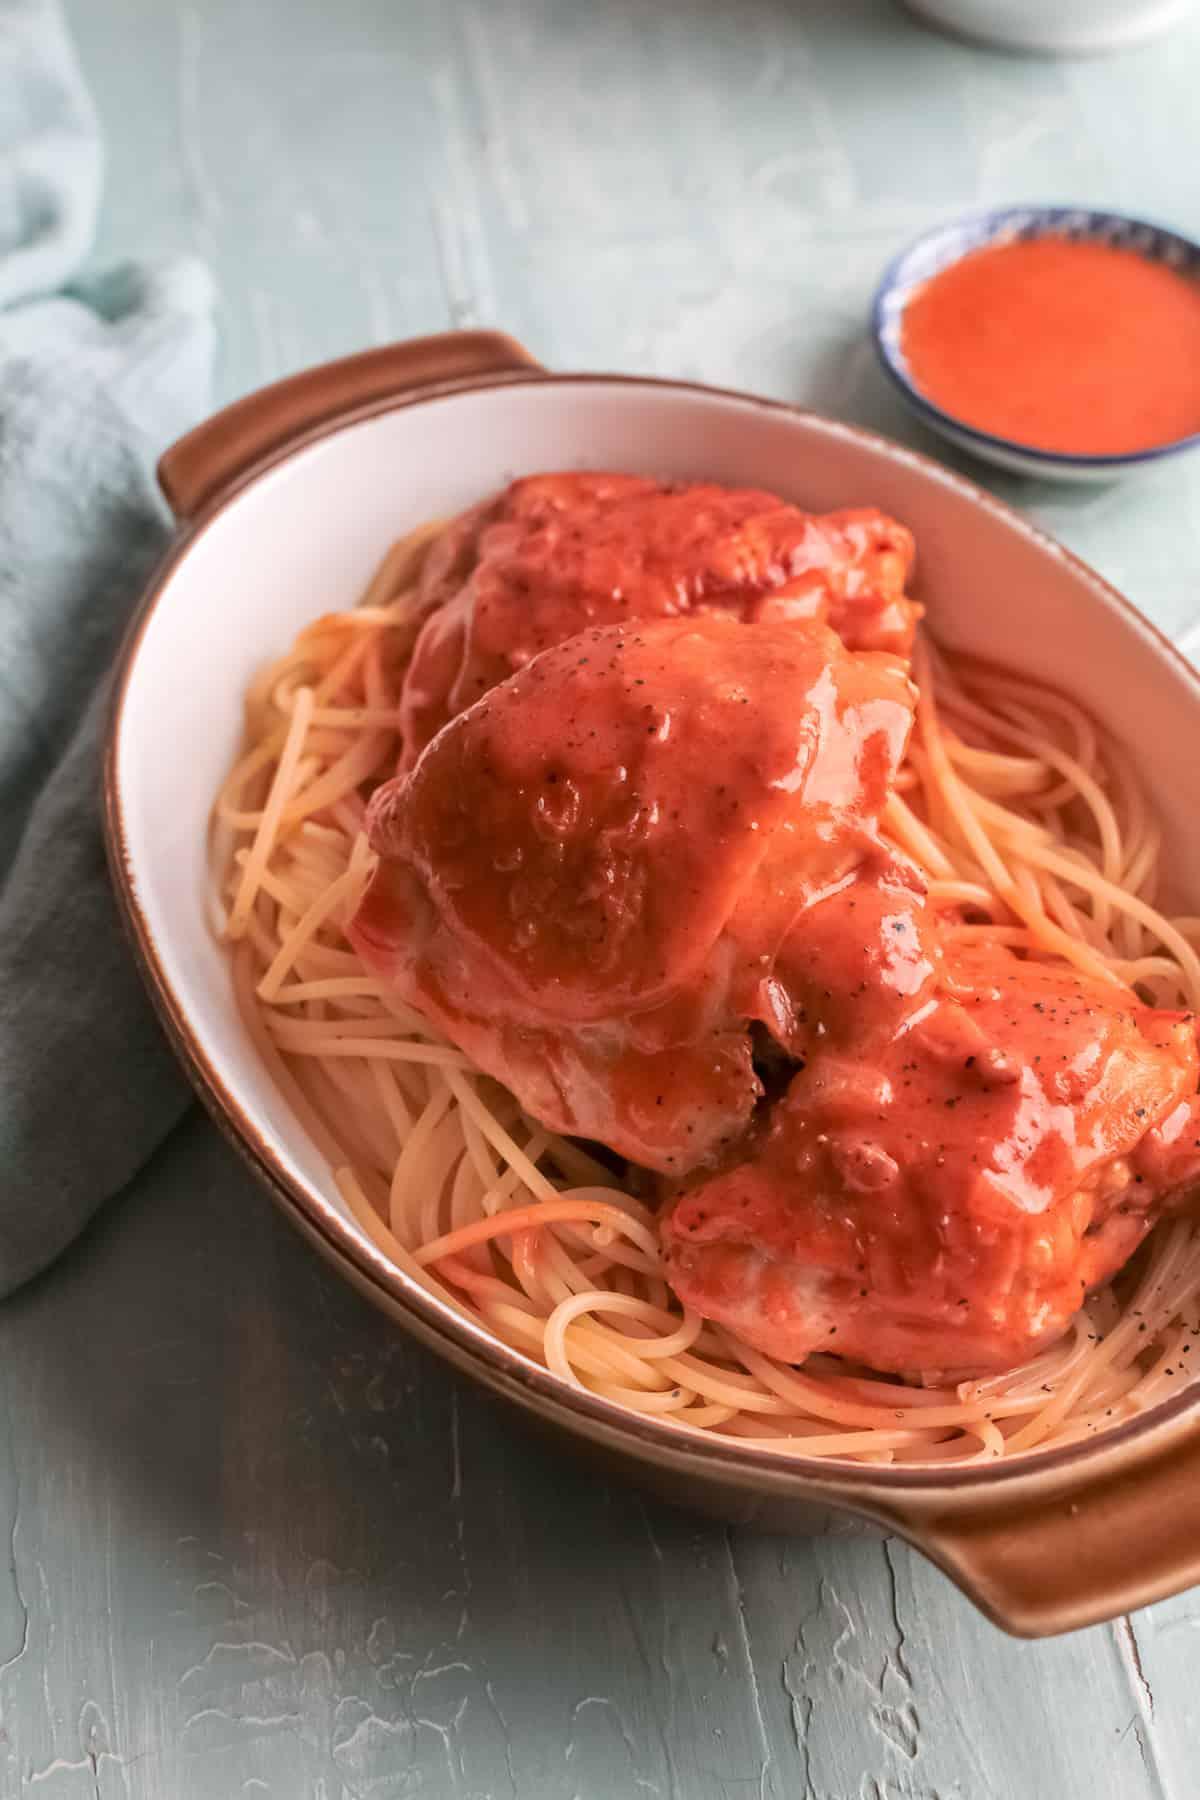 the finished instant pot chicken paprikash served over noodles